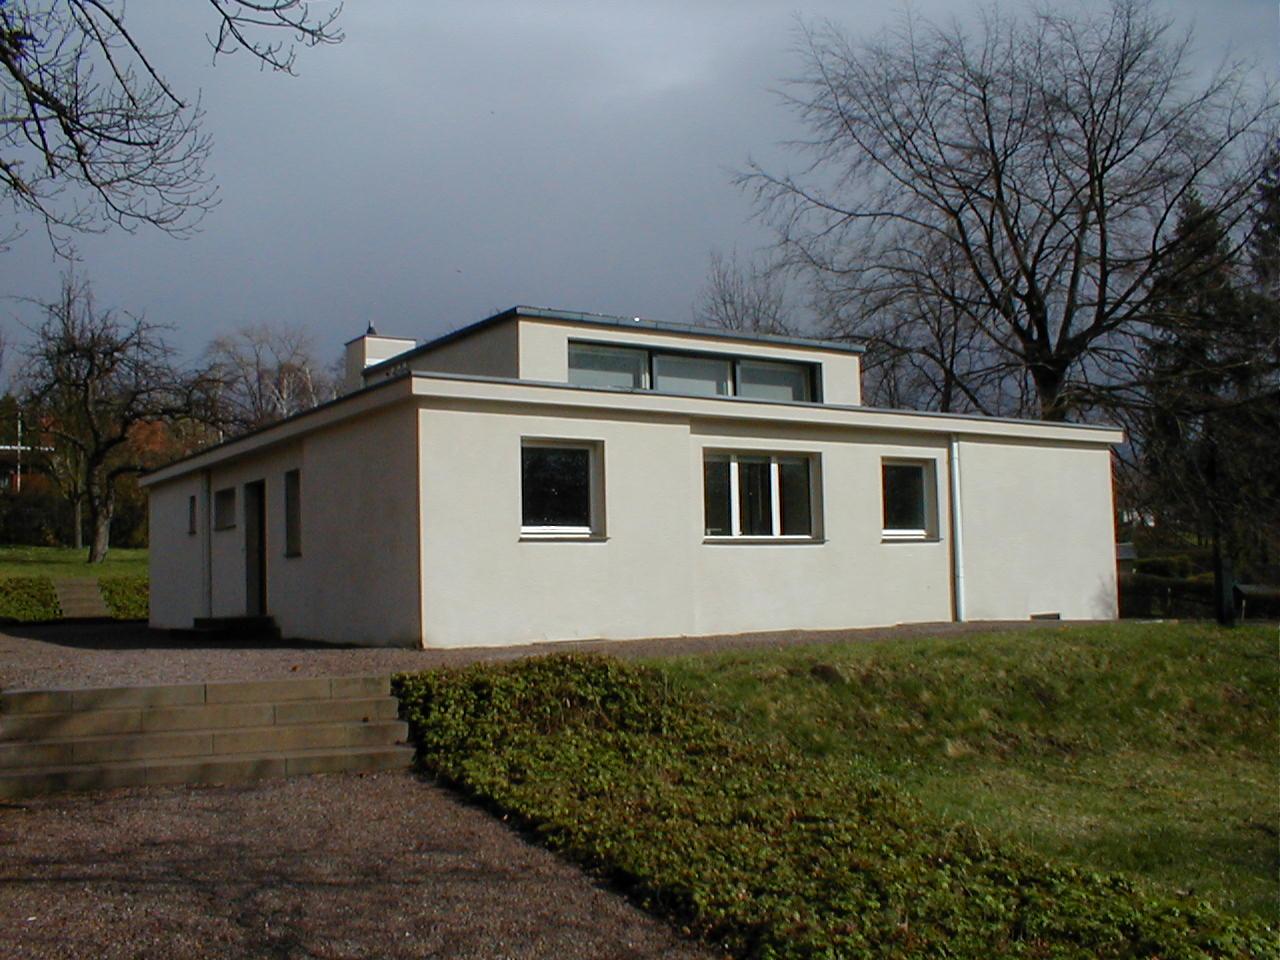 Haus Am Horn Weimar index of testbed material datenbank sehenswuerdigkeiten hist